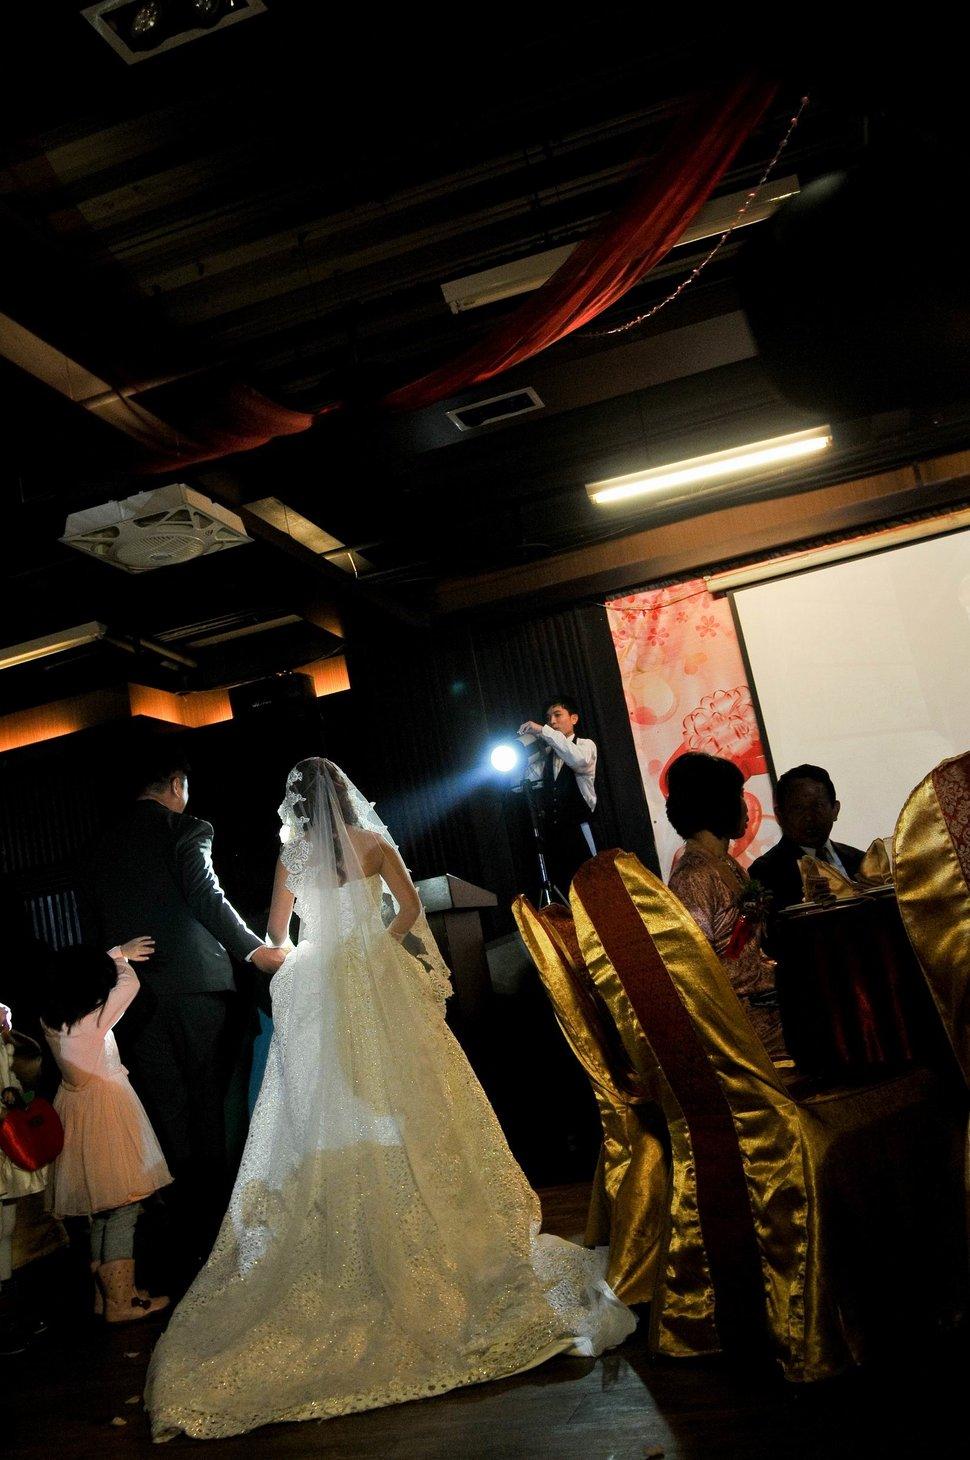 龍和餐廳結婚迎娶儀式晚宴婚禮記錄動態微電影錄影專業錄影平面攝影婚攝婚禮主持人(編號:272550) - 蜜月拍照10800錄影12800攝影團隊 - 結婚吧